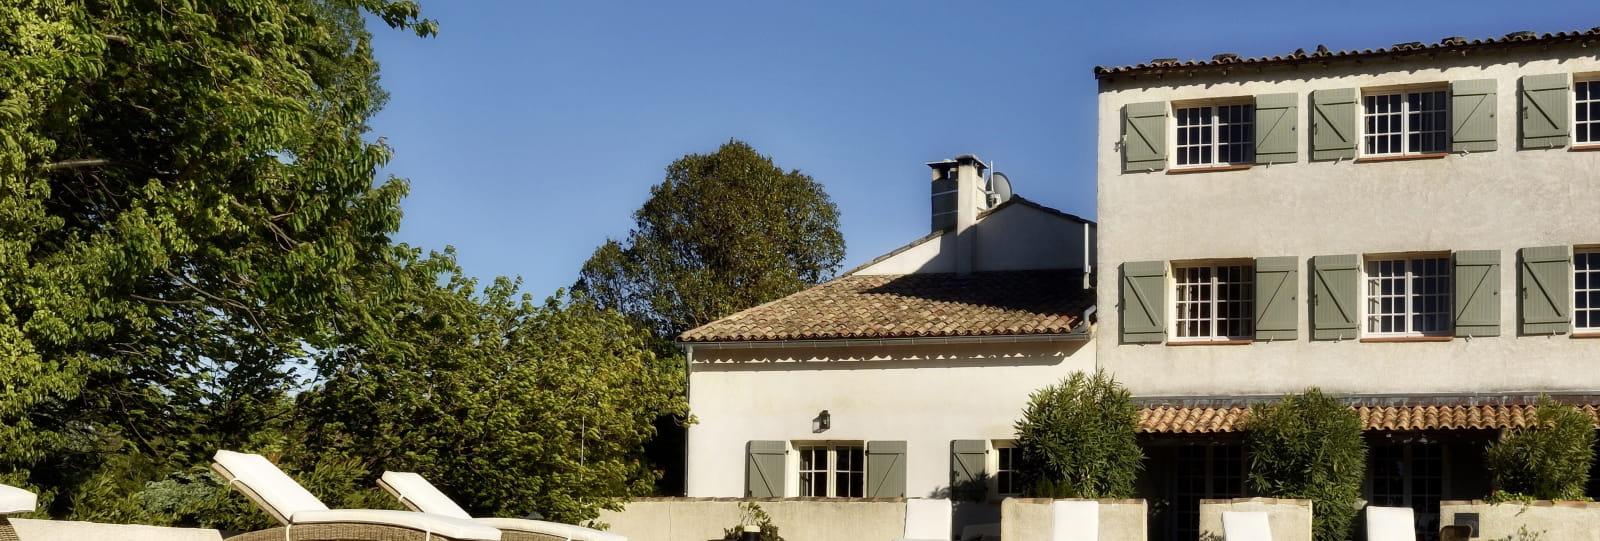 Hôtel et piscine - Hôtel Domaine le Bois des Dames